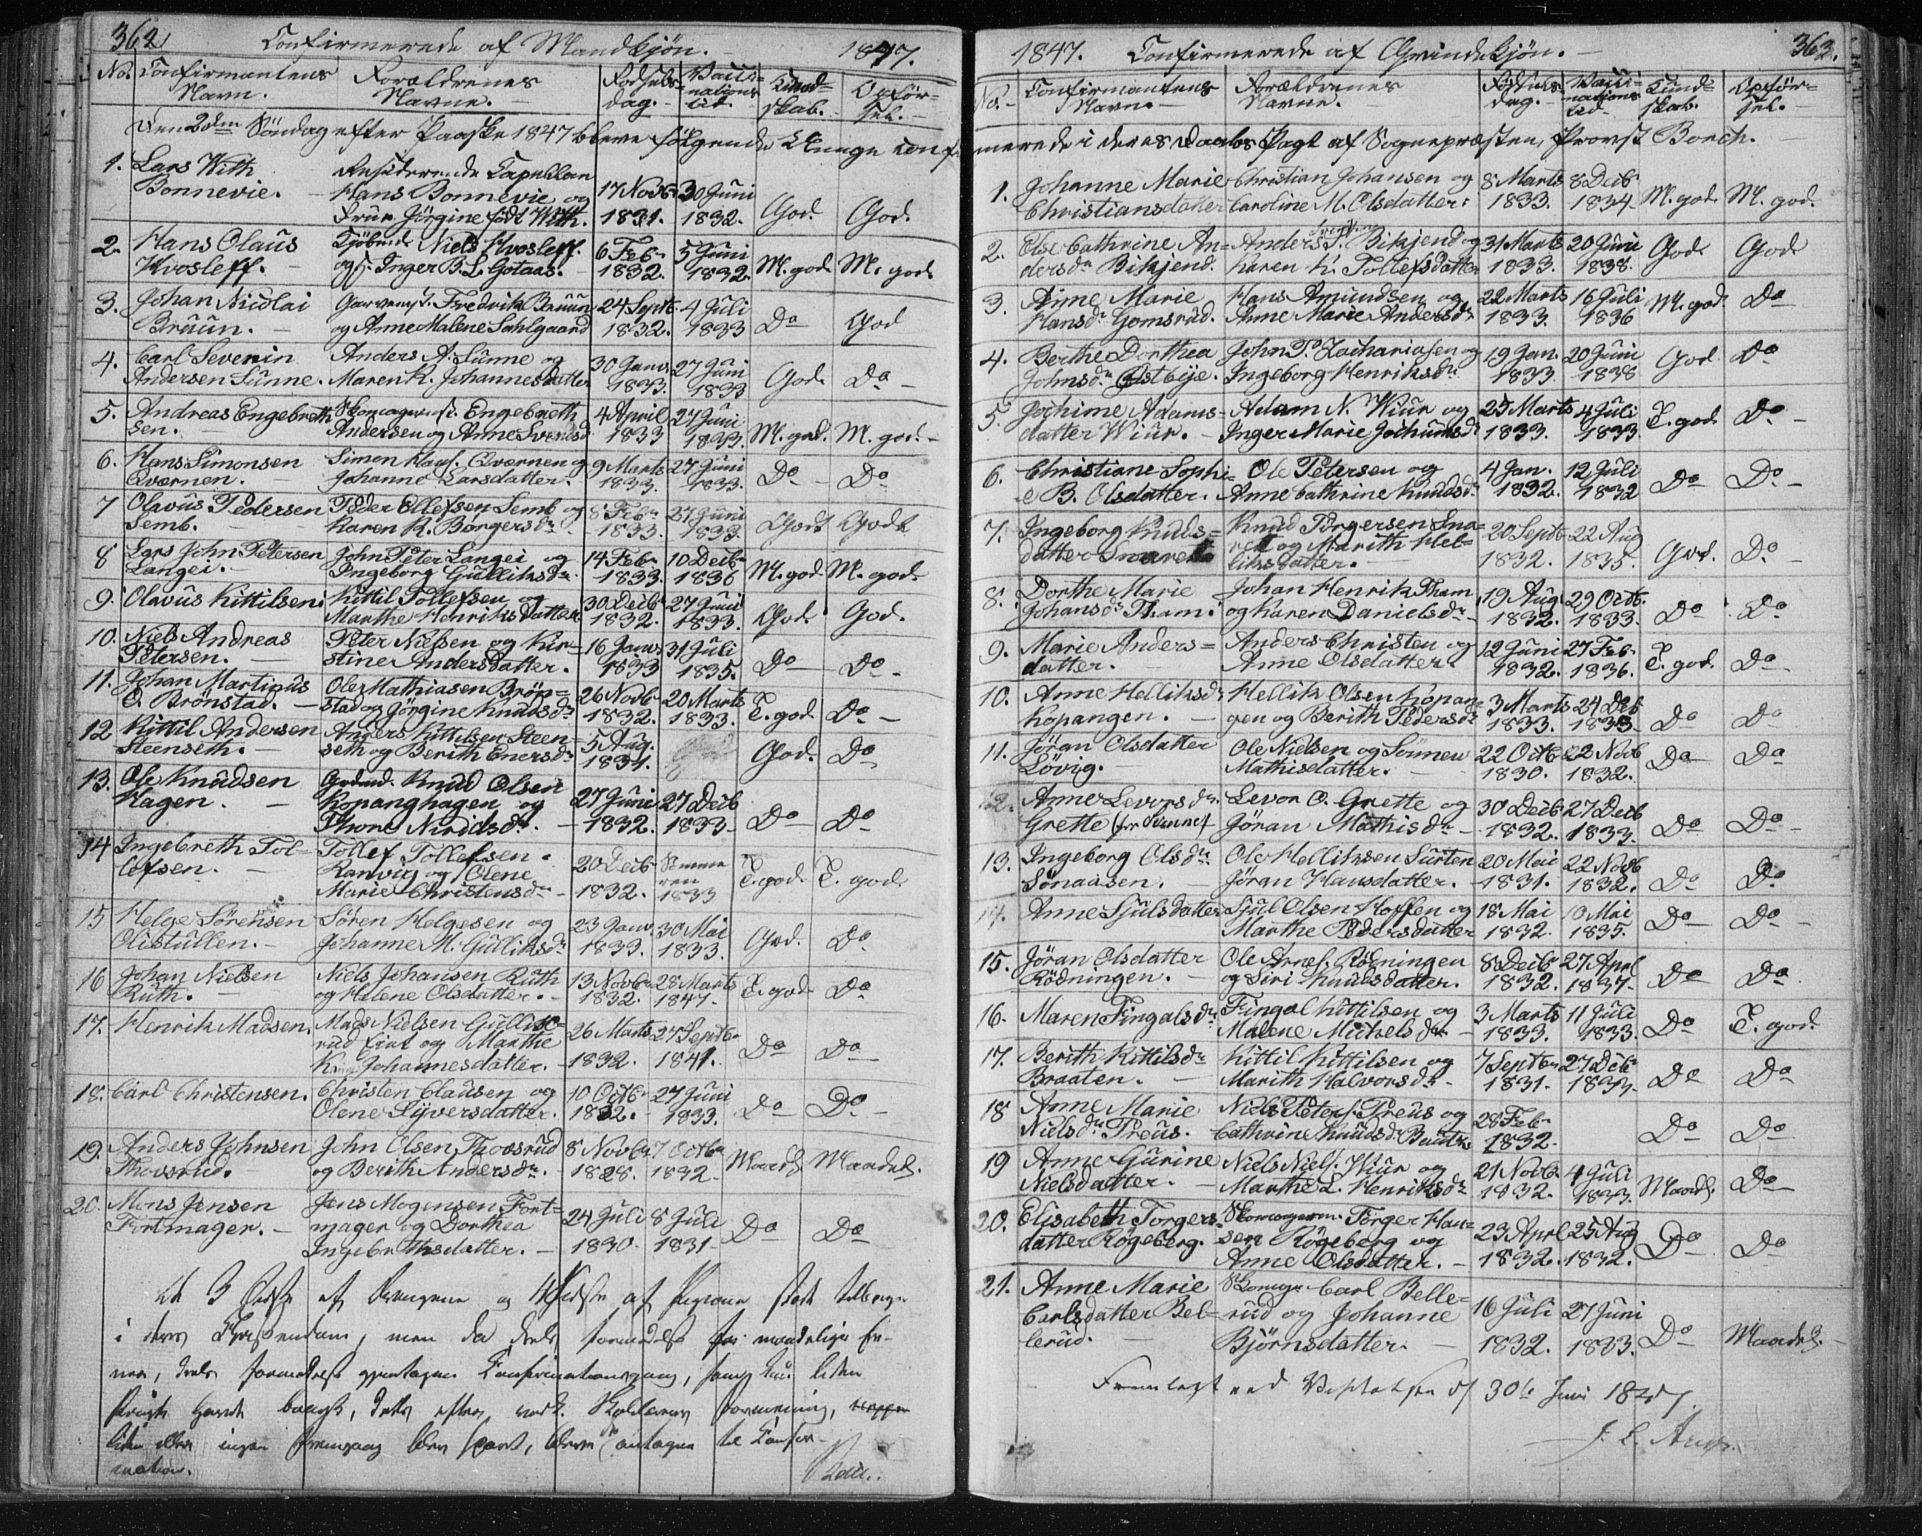 SAKO, Kongsberg kirkebøker, F/Fa/L0009: Ministerialbok nr. I 9, 1839-1858, s. 362-363